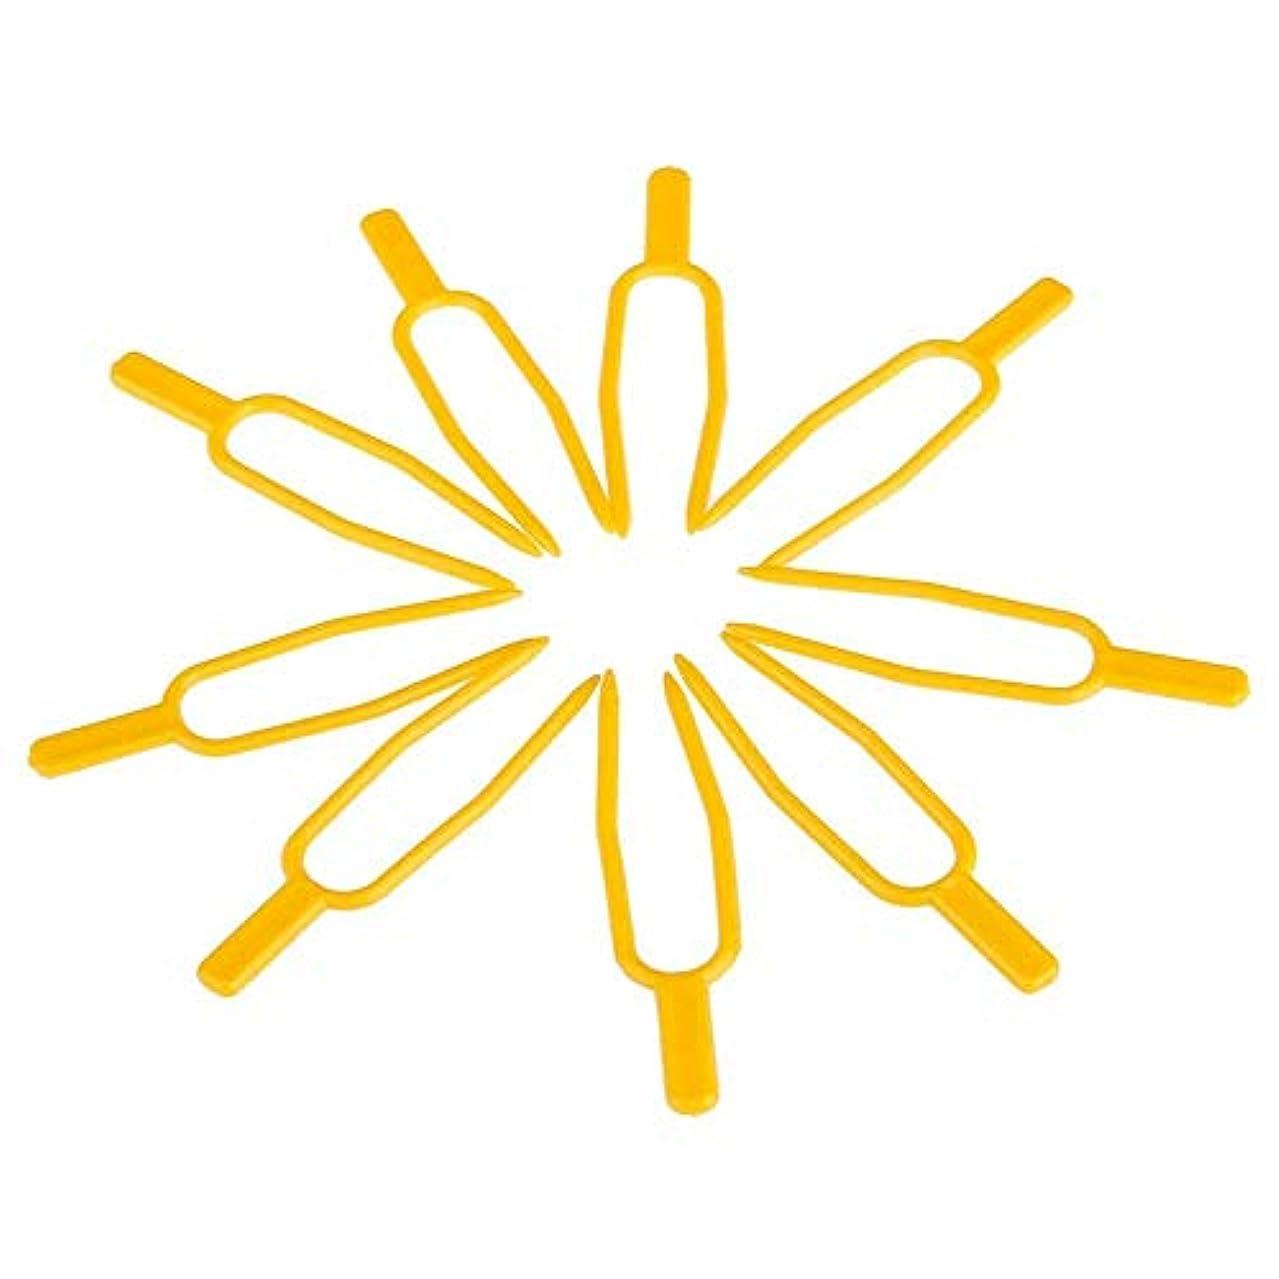 電信参照する上級chaselpod プラントクリップ イチゴフォーク 固定フォーク ガーデンツール DIY 工具 園芸用便利クリップ 100個入りセット